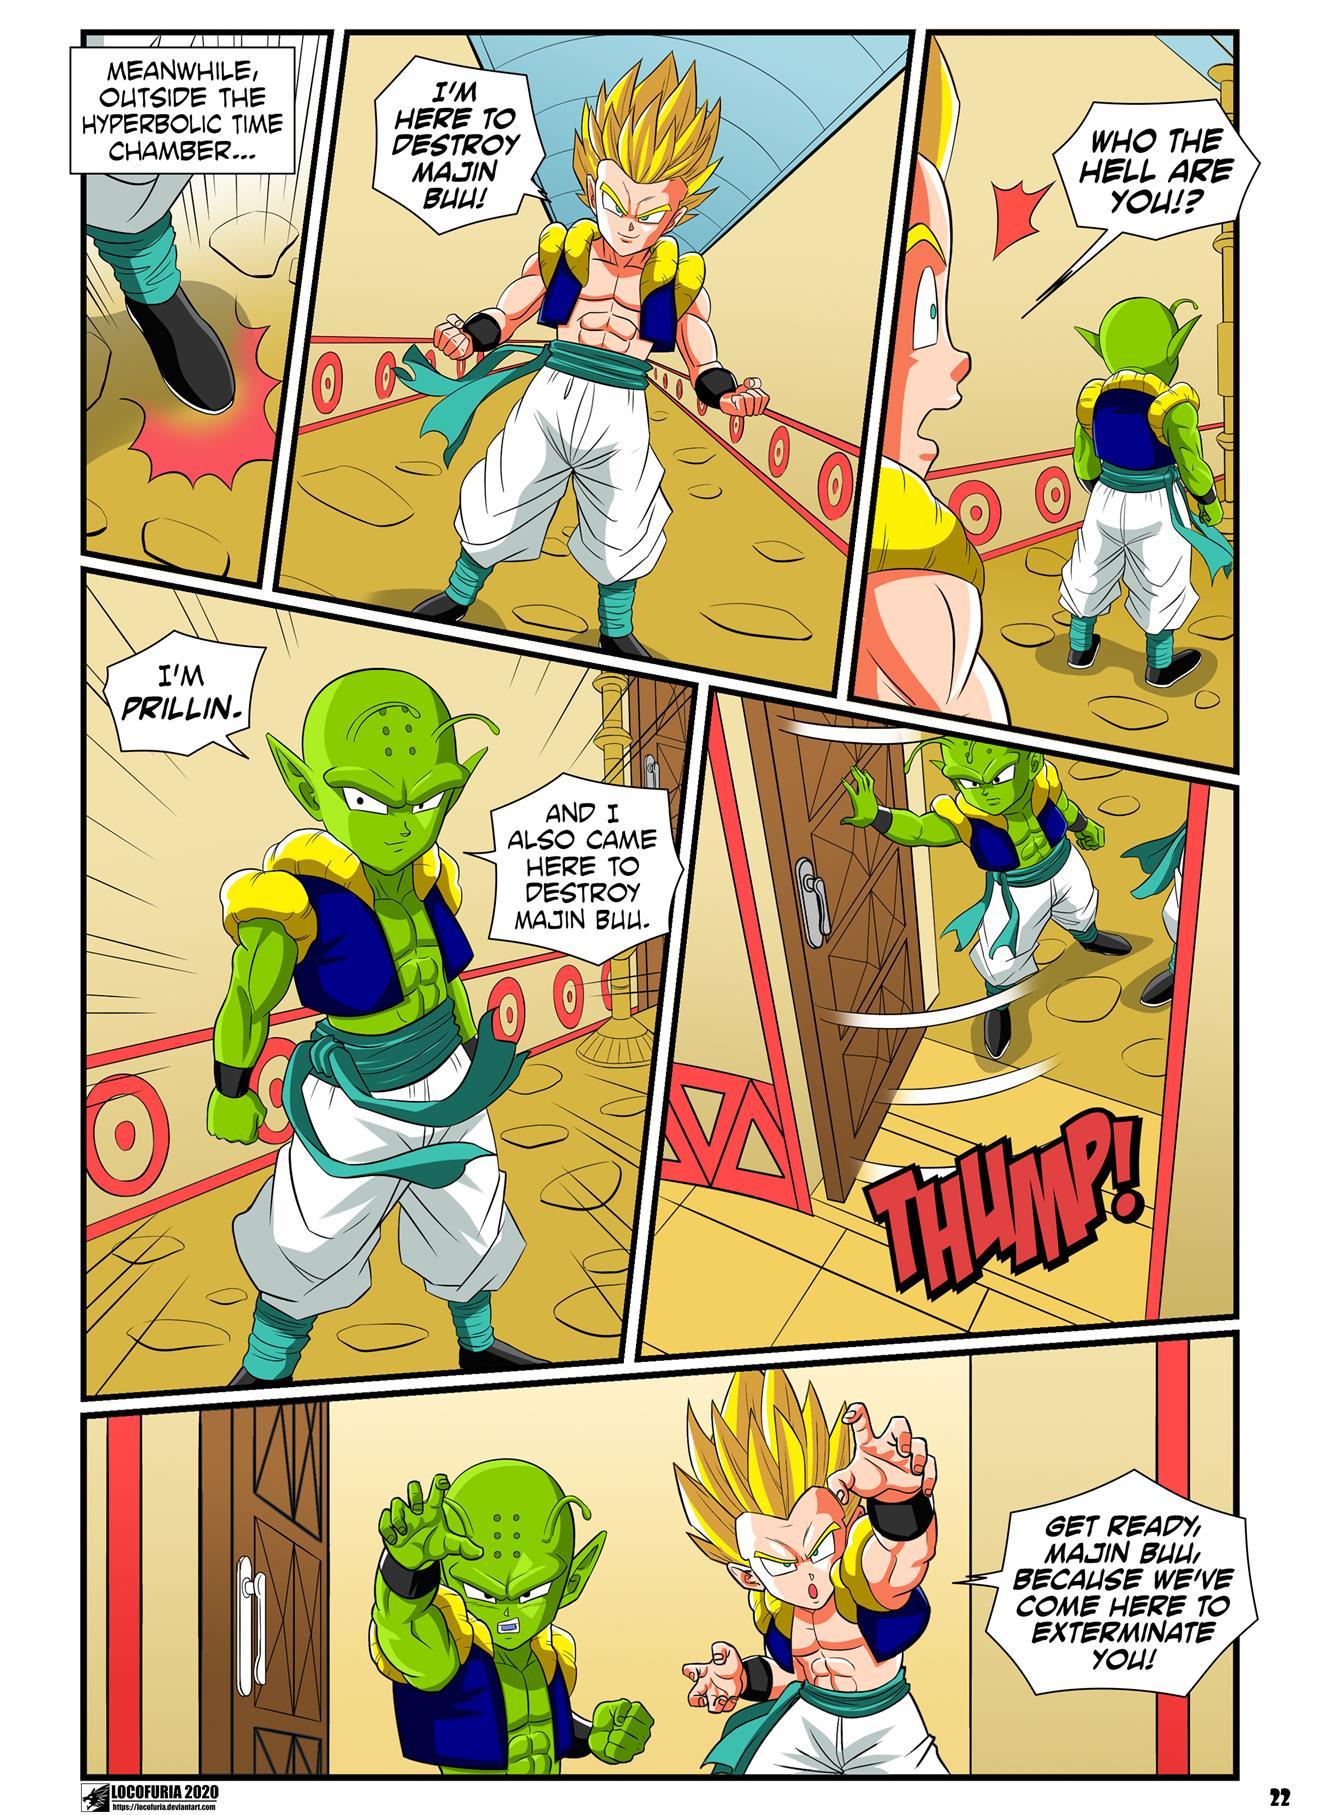 Buu's Bodies 5 - Final A (Dragon Ball Z) - Foto 24